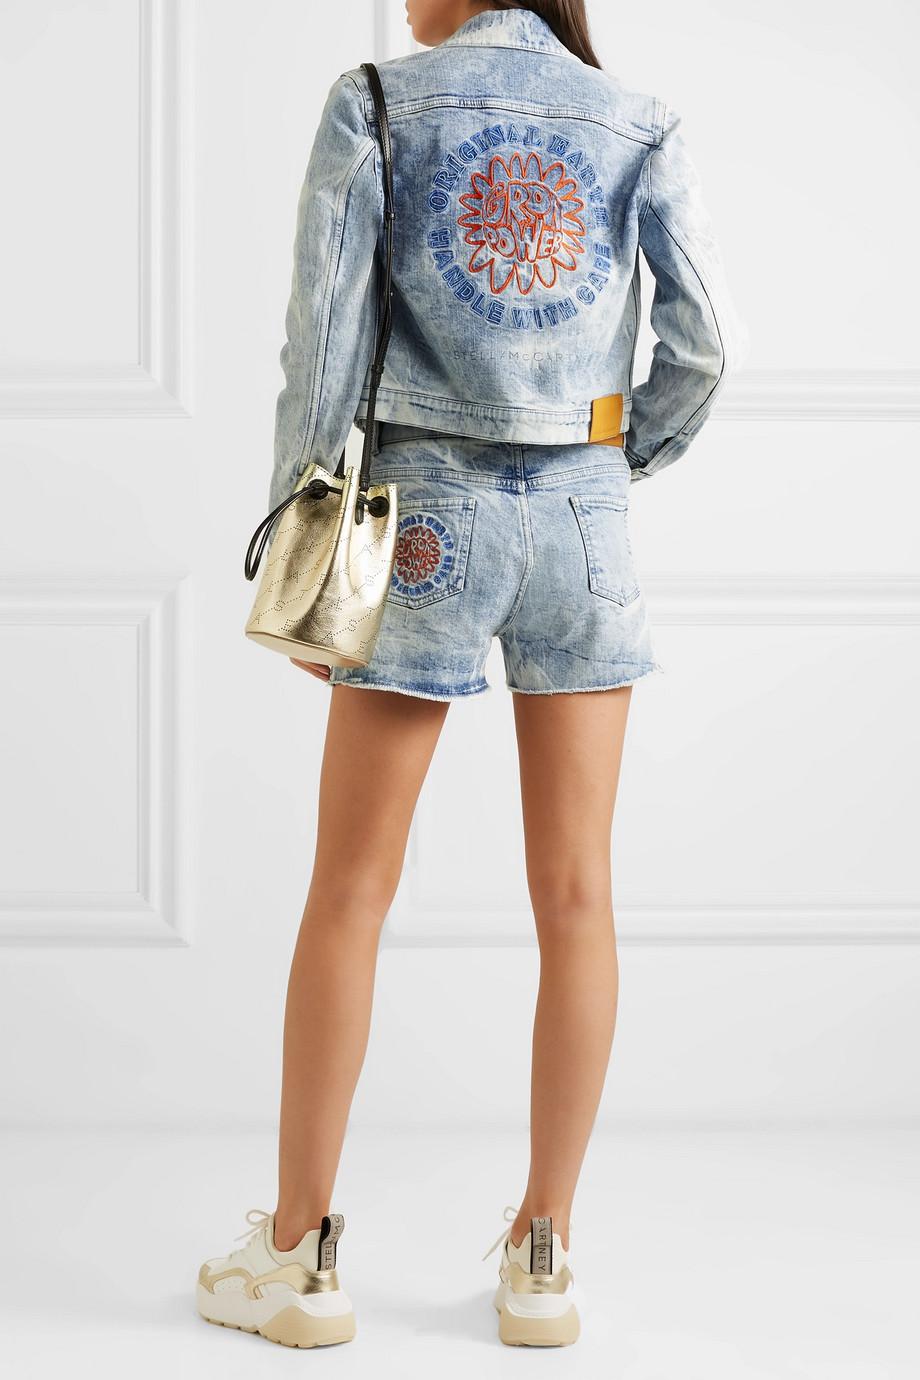 Stella McCartney + NET SUSTAIN embroidered distressed denim jacket